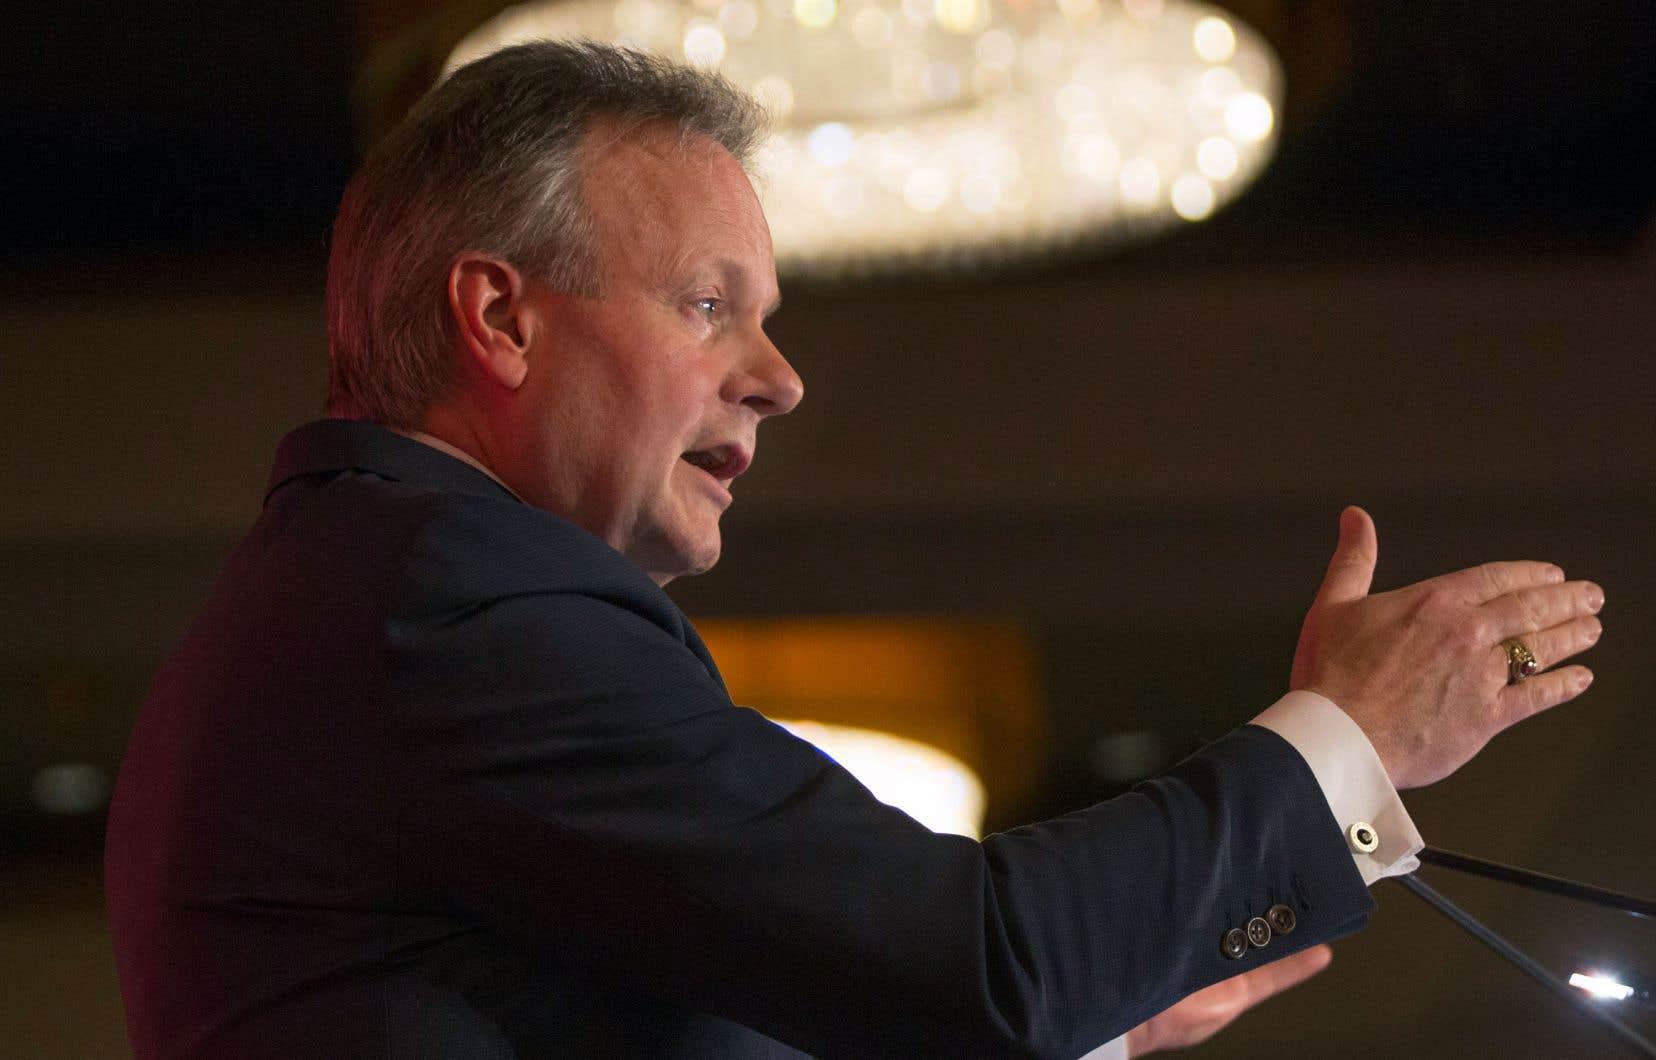 Le gouverneur de la Banque du Canada, Stephen Poloz, a donné une conférence devant plus de 600 membres de la Chambre de commerce du Montréal métropolitain, jeudi.